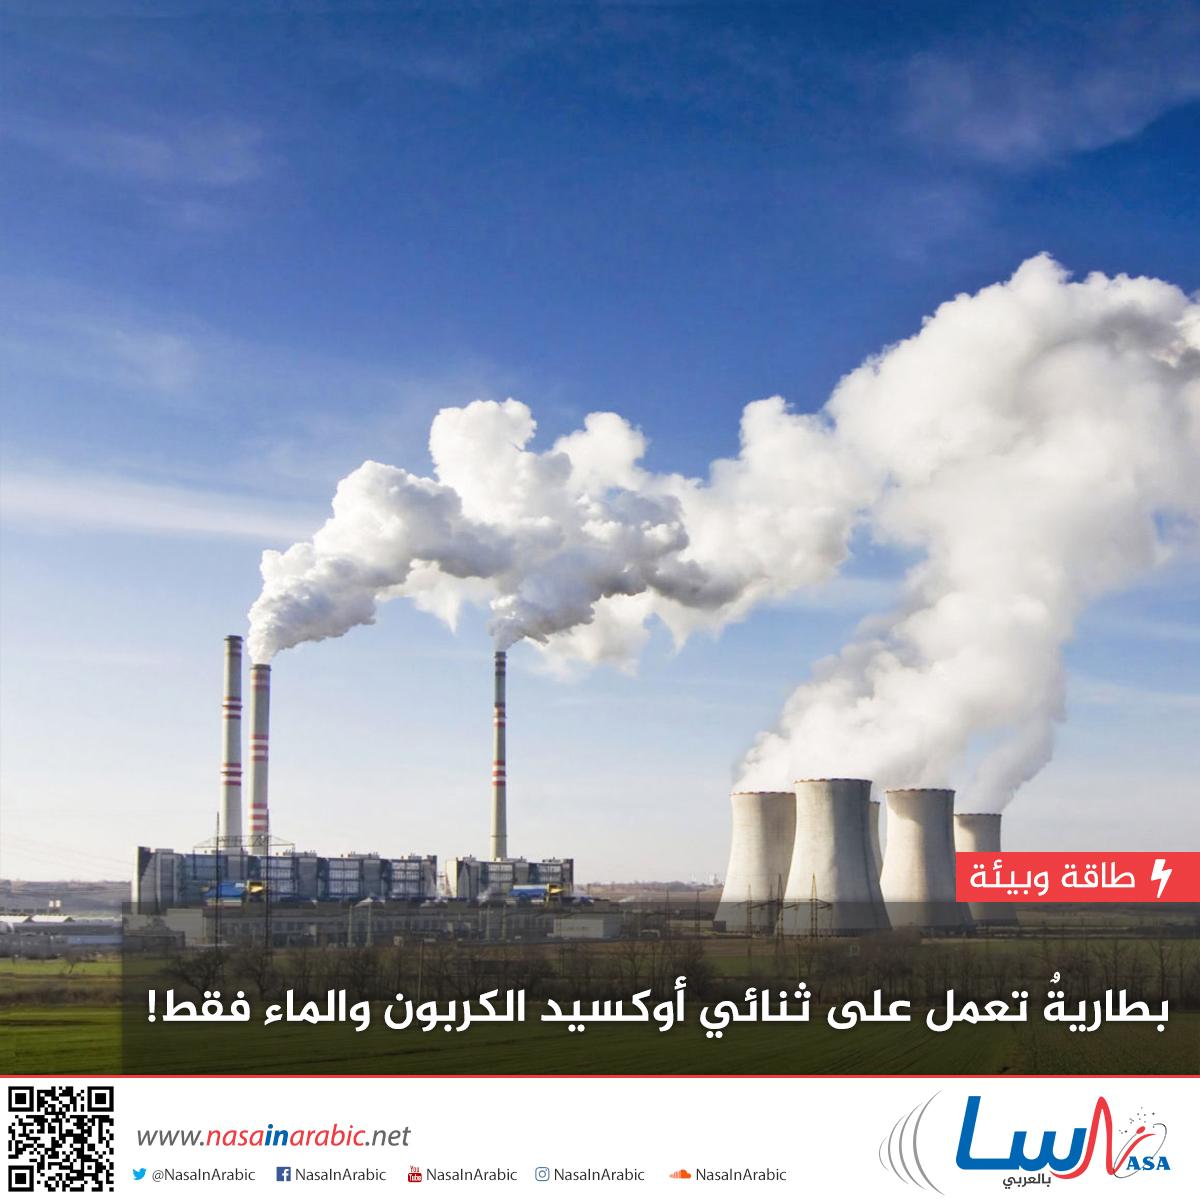 بطاريةٌ تعمل على ثنائي أوكسيد الكربون والماء فقط!